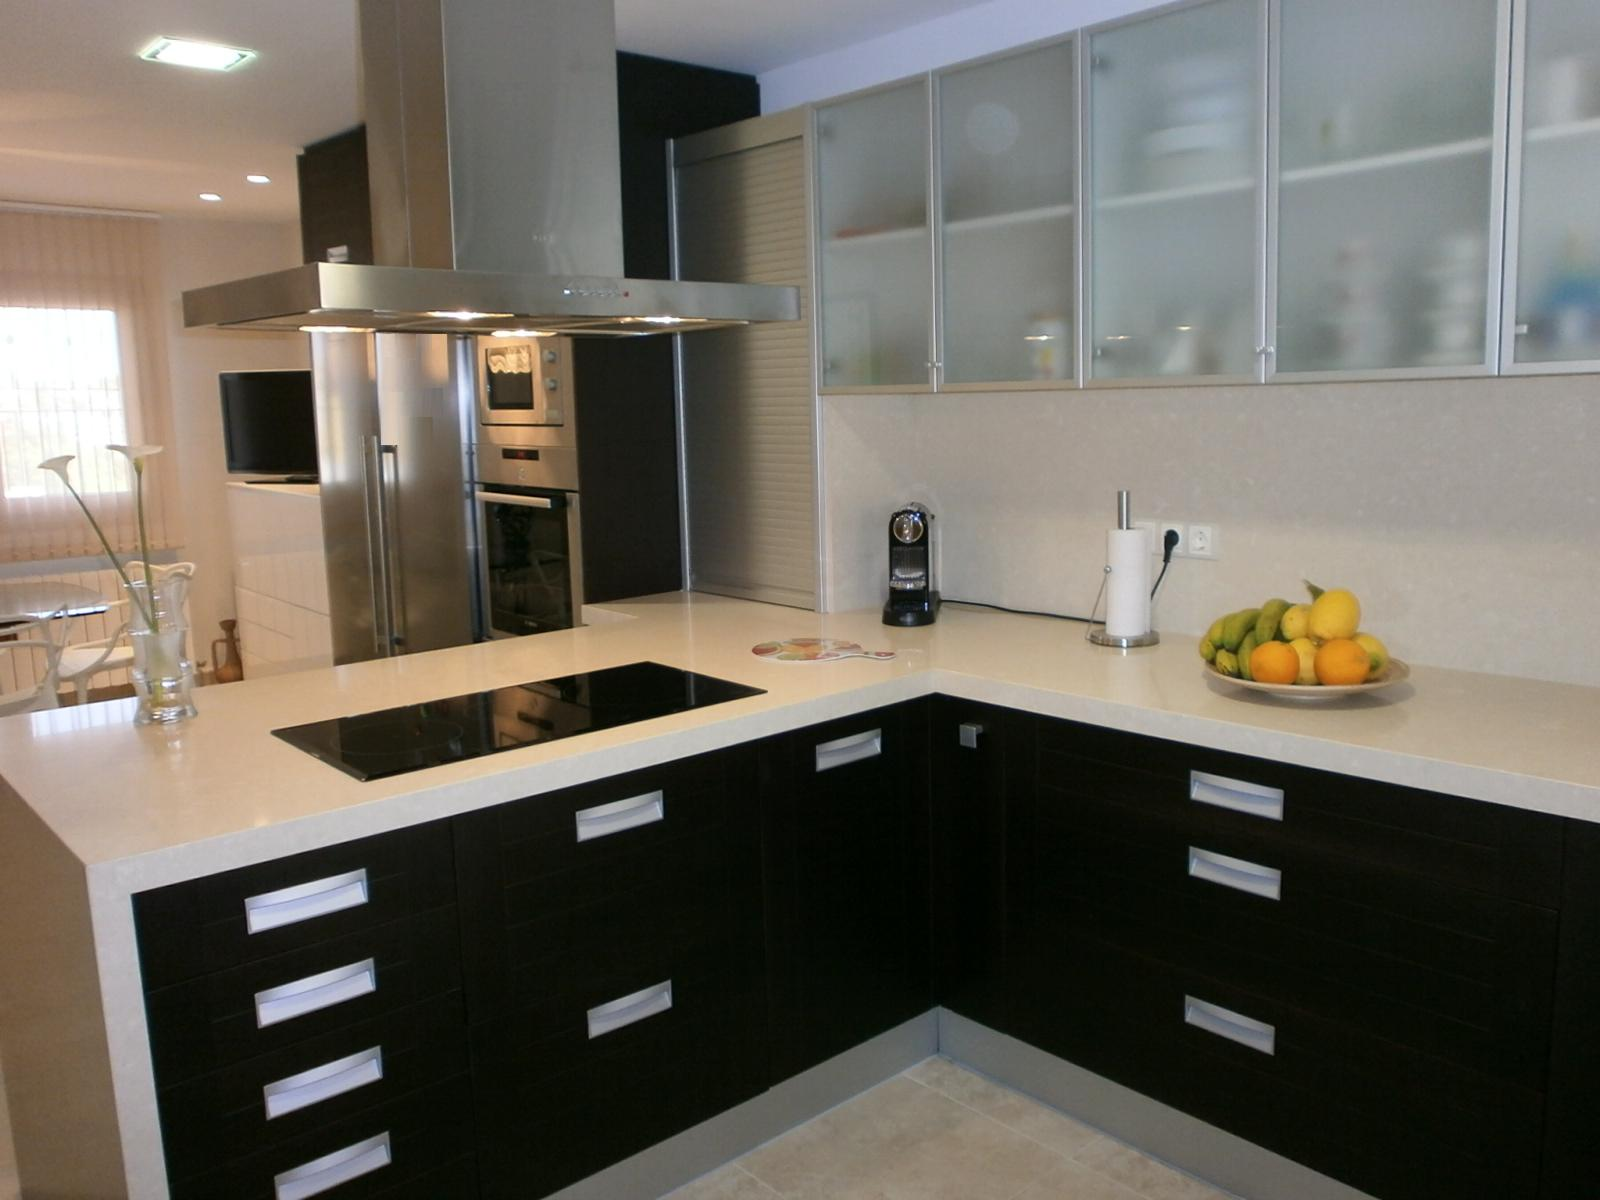 El wengu y la madera oscura en la cocina cocinas con estilo for Cocinas integrales para departamentos